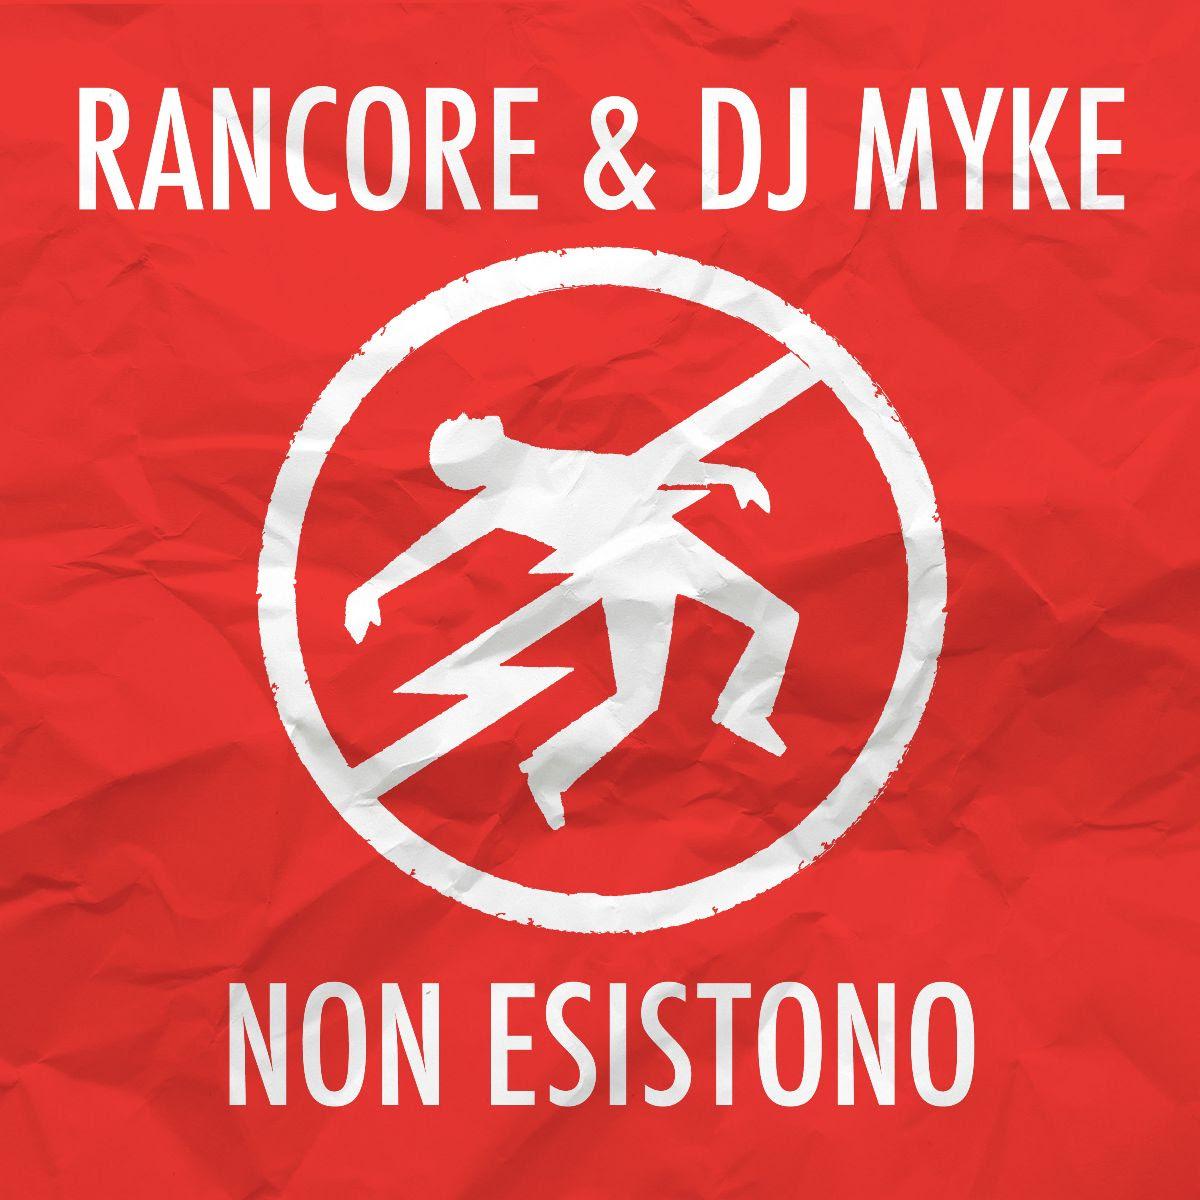 Rancore & DJ Myke pubblicano il brano Non esistono